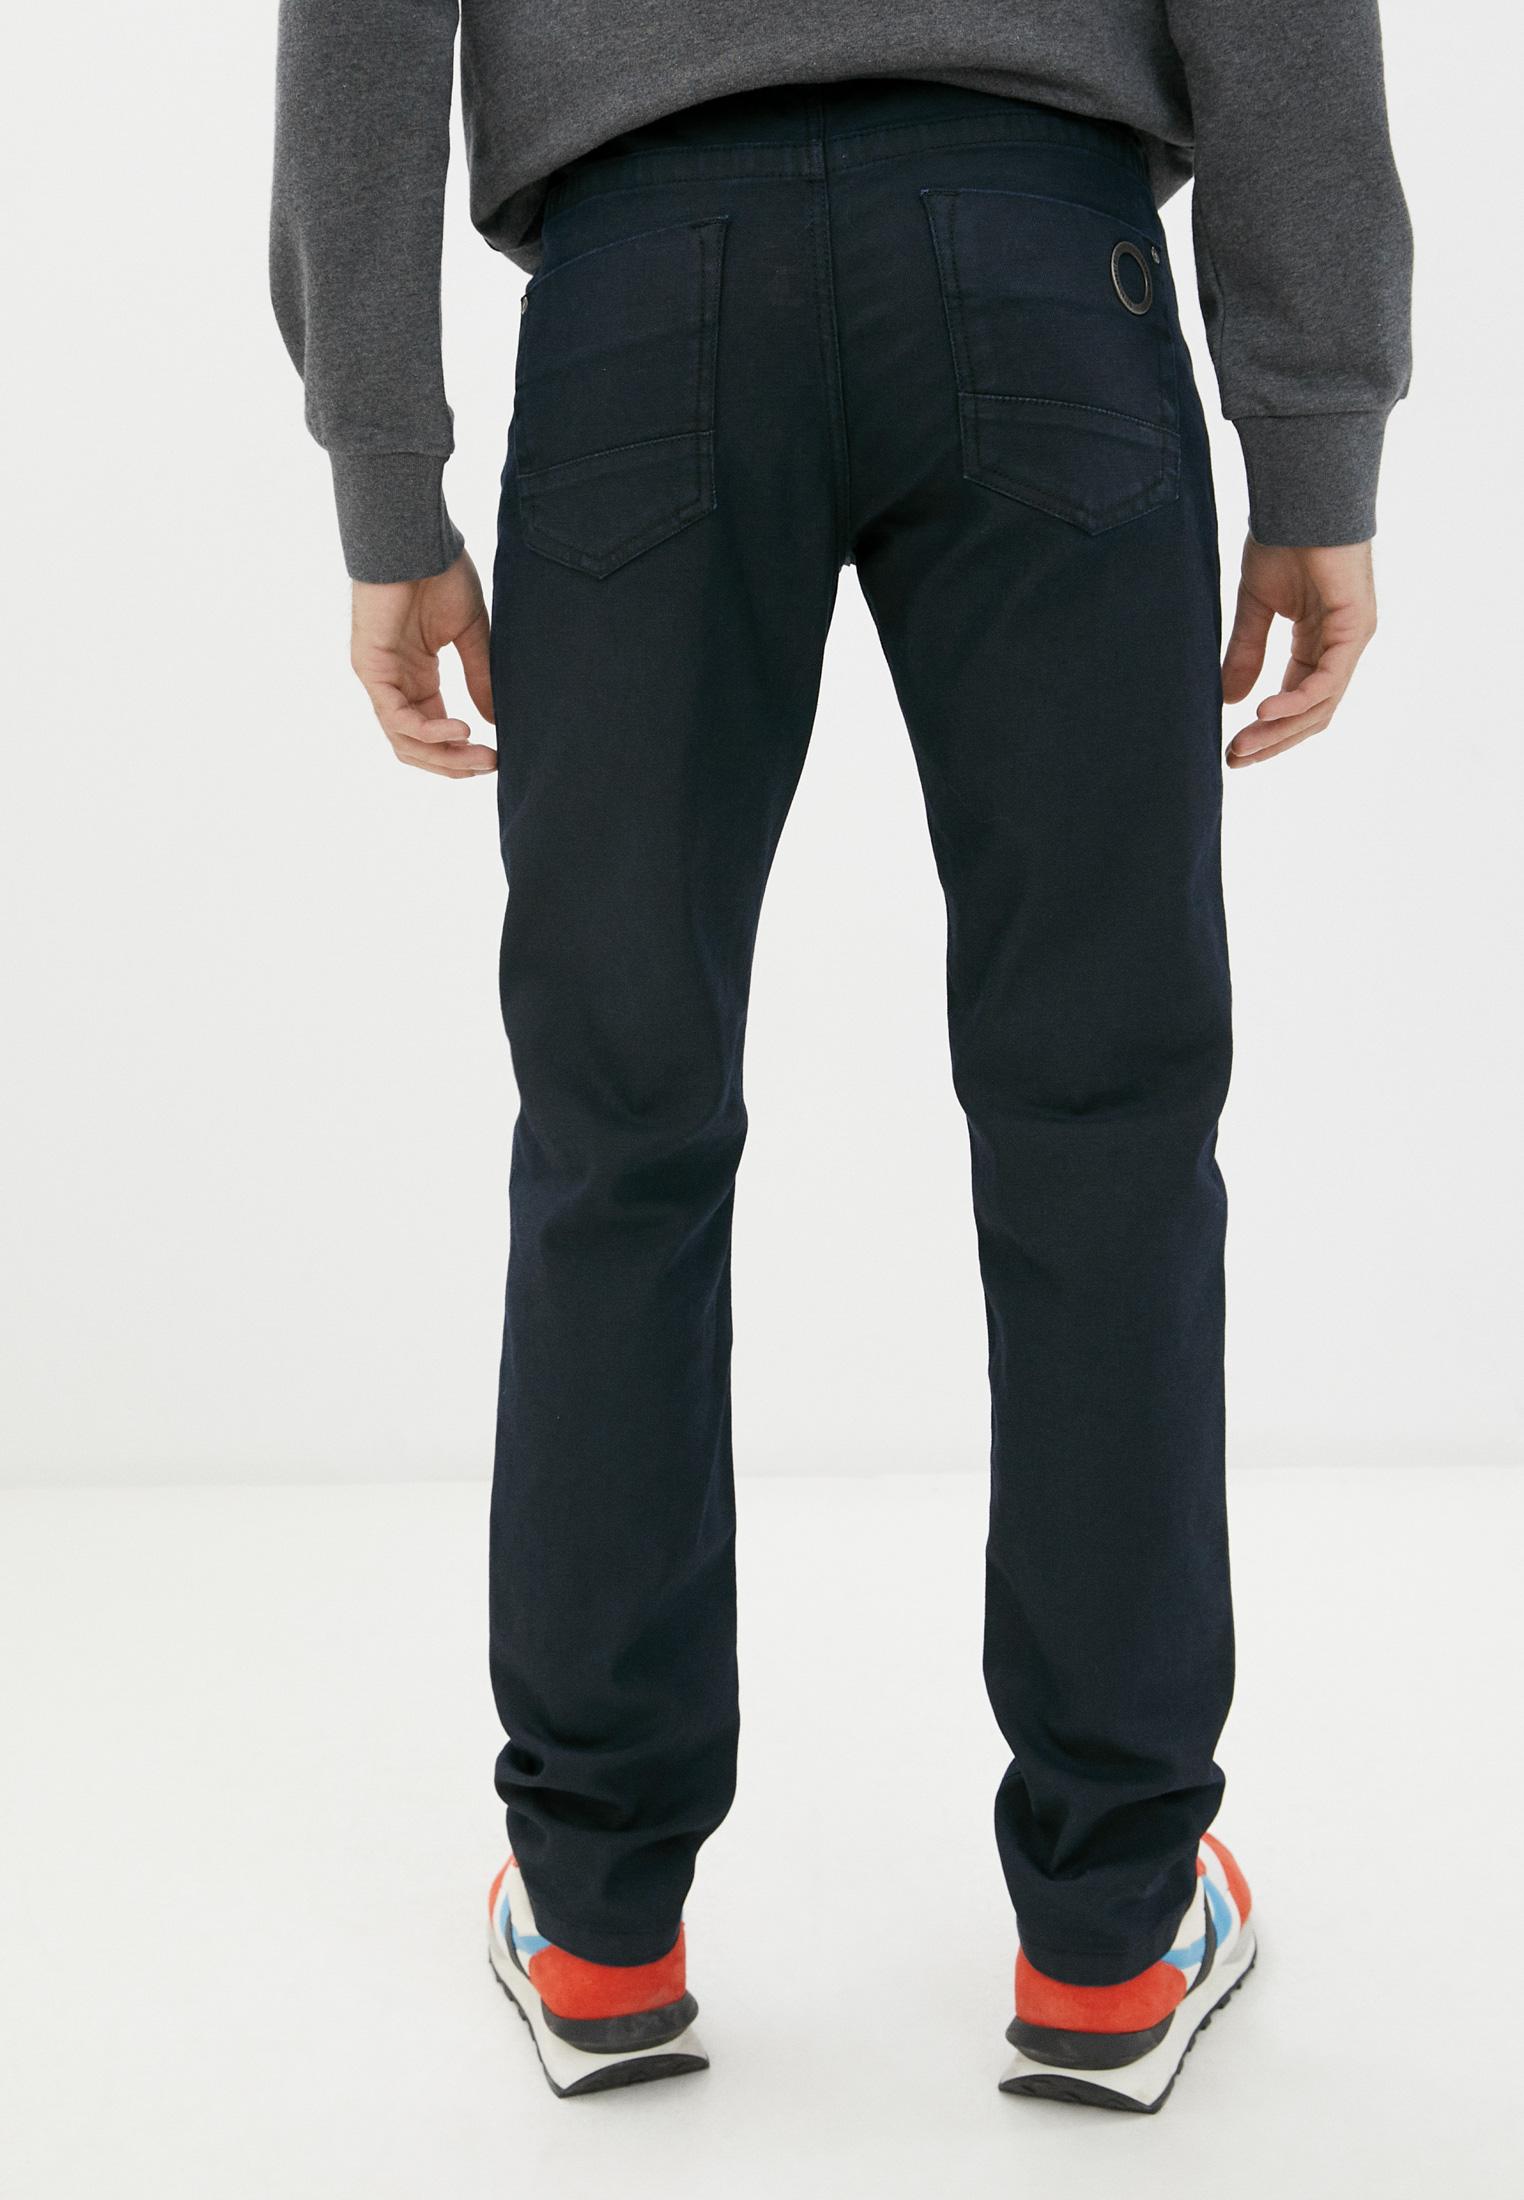 Мужские зауженные джинсы Bikkembergs (Биккембергс) C Q 101 18 S 3147: изображение 9